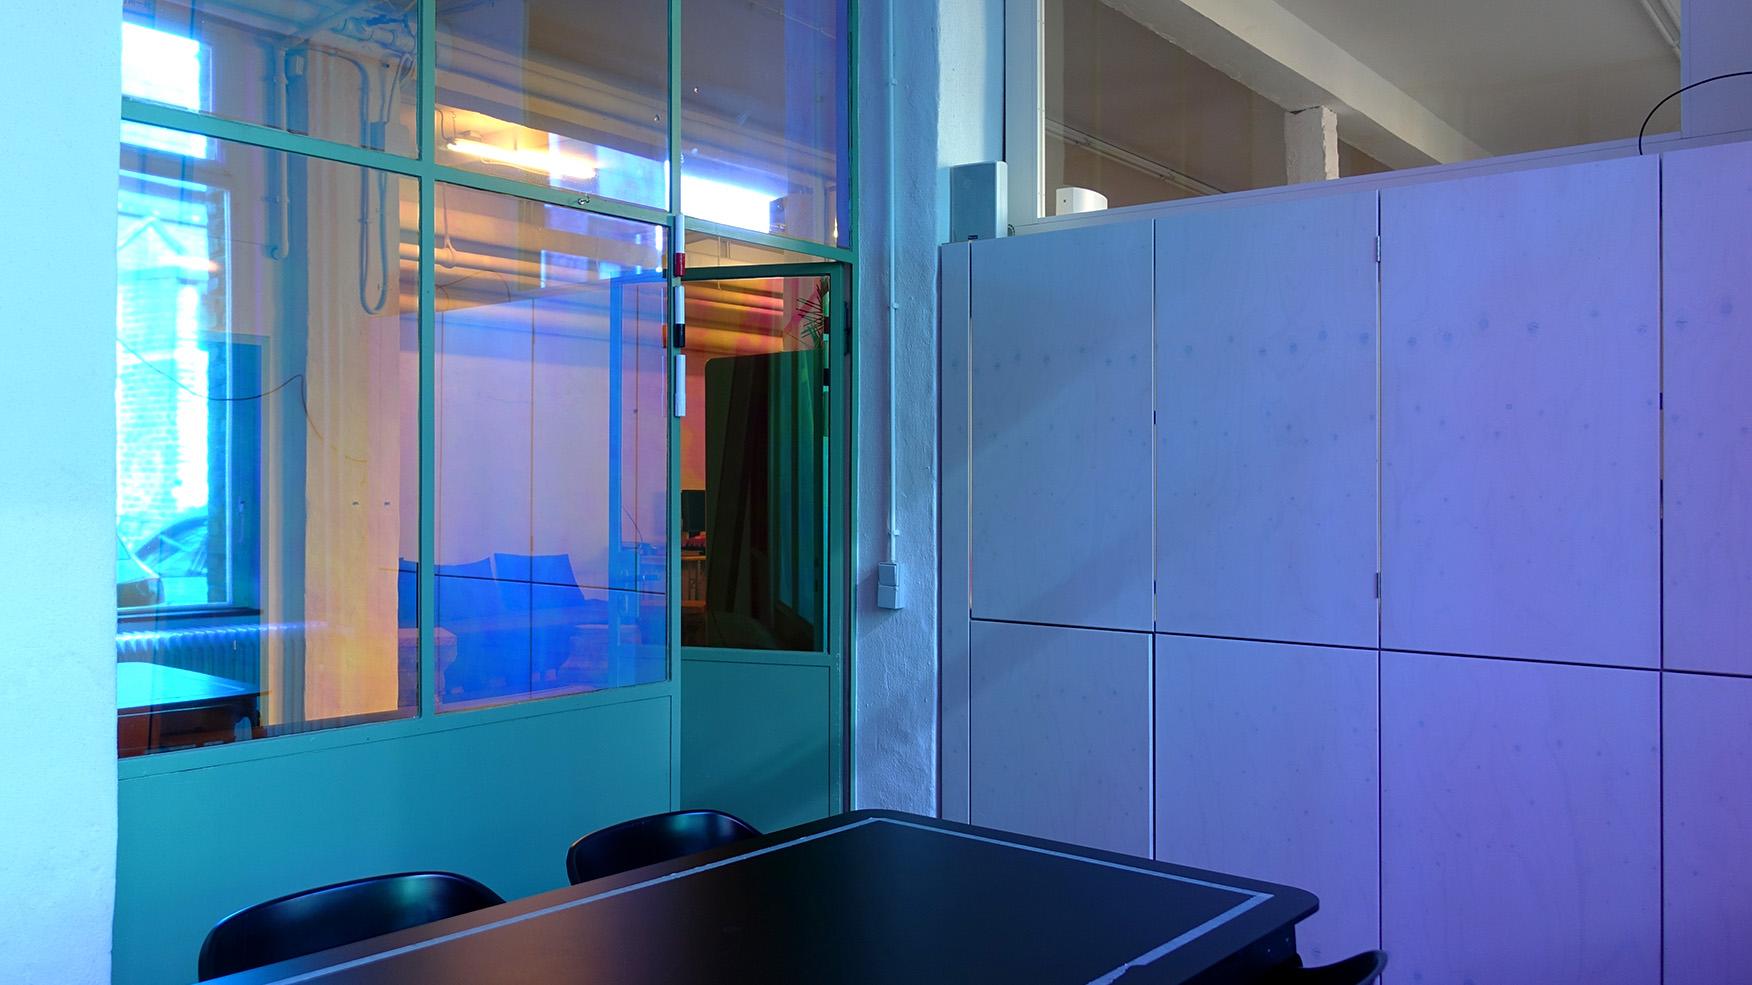 In Farbe getauchter Konferenzraum in der Charlottenstraße in Aachen.